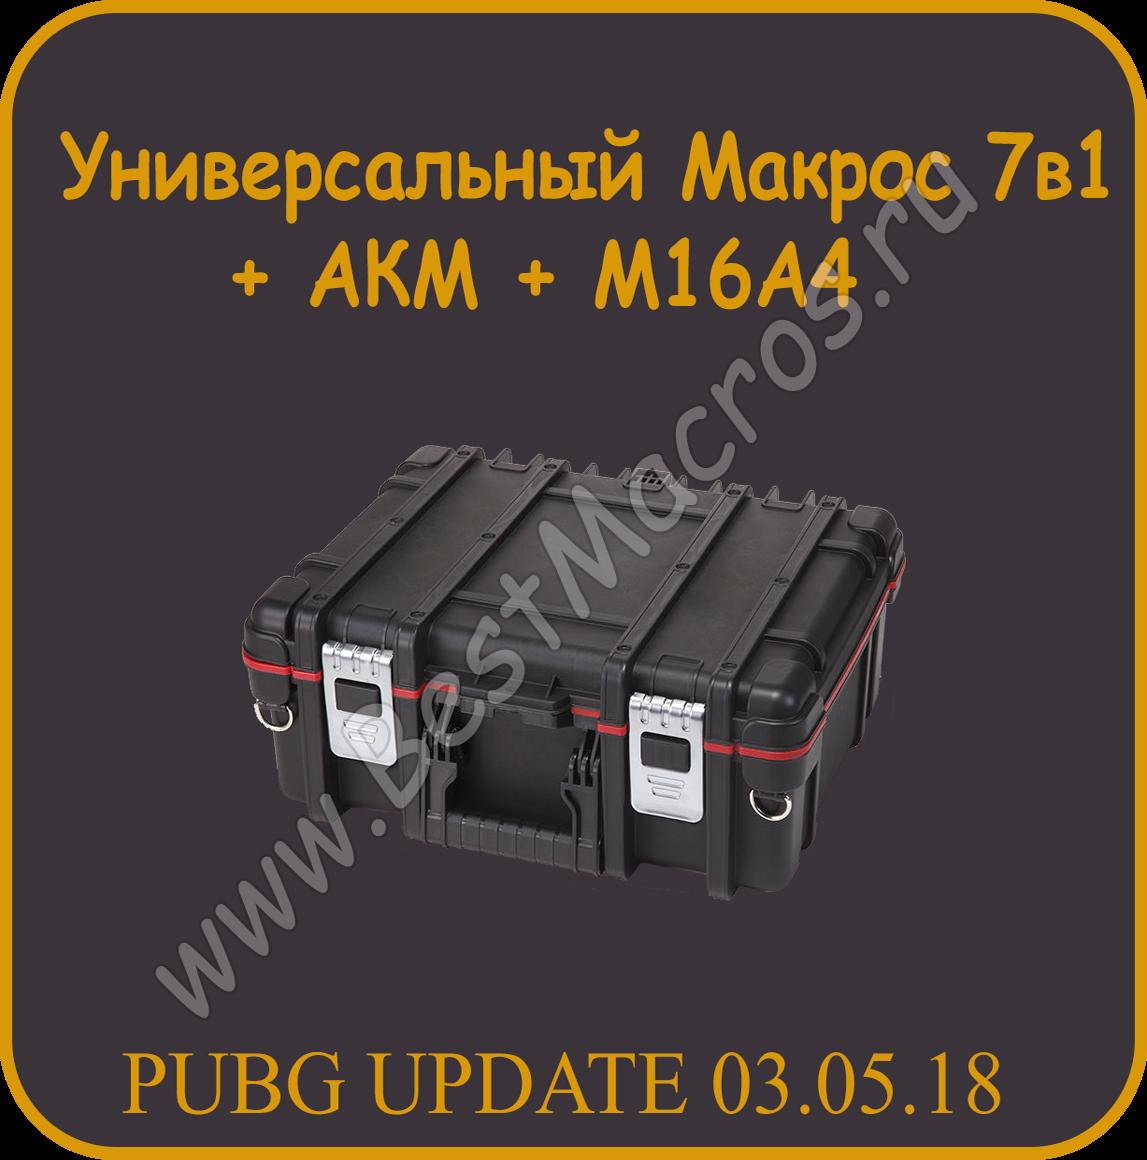 PUBG Универсальный Макрос 7в1 + АКМ +М16А4 Upd 03.05.18